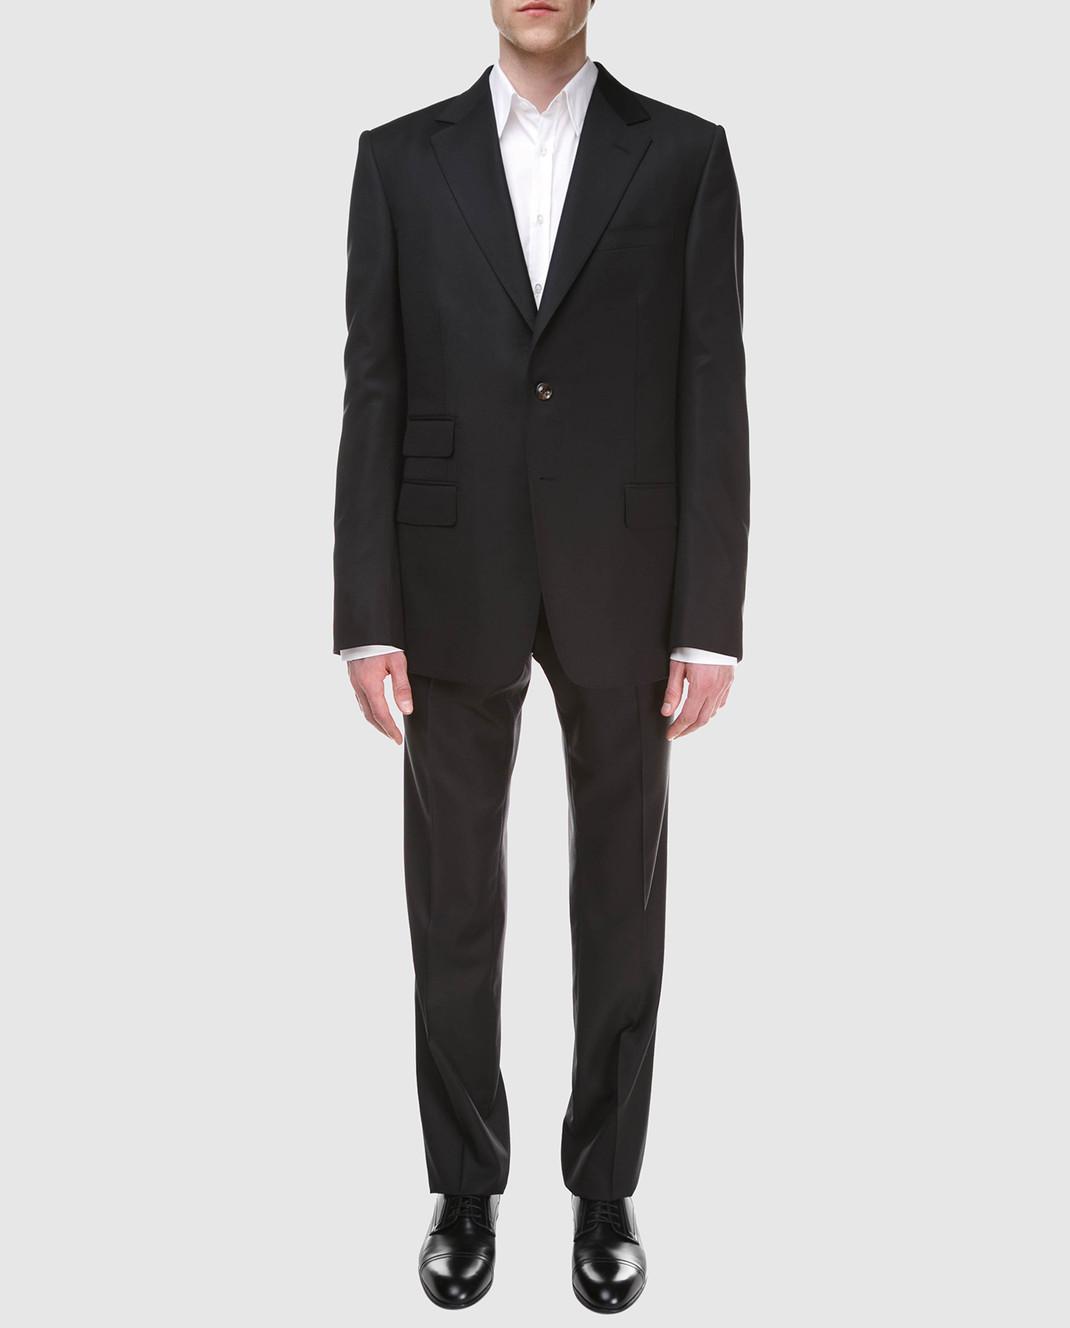 Gucci Черный костюм 450542 изображение 3